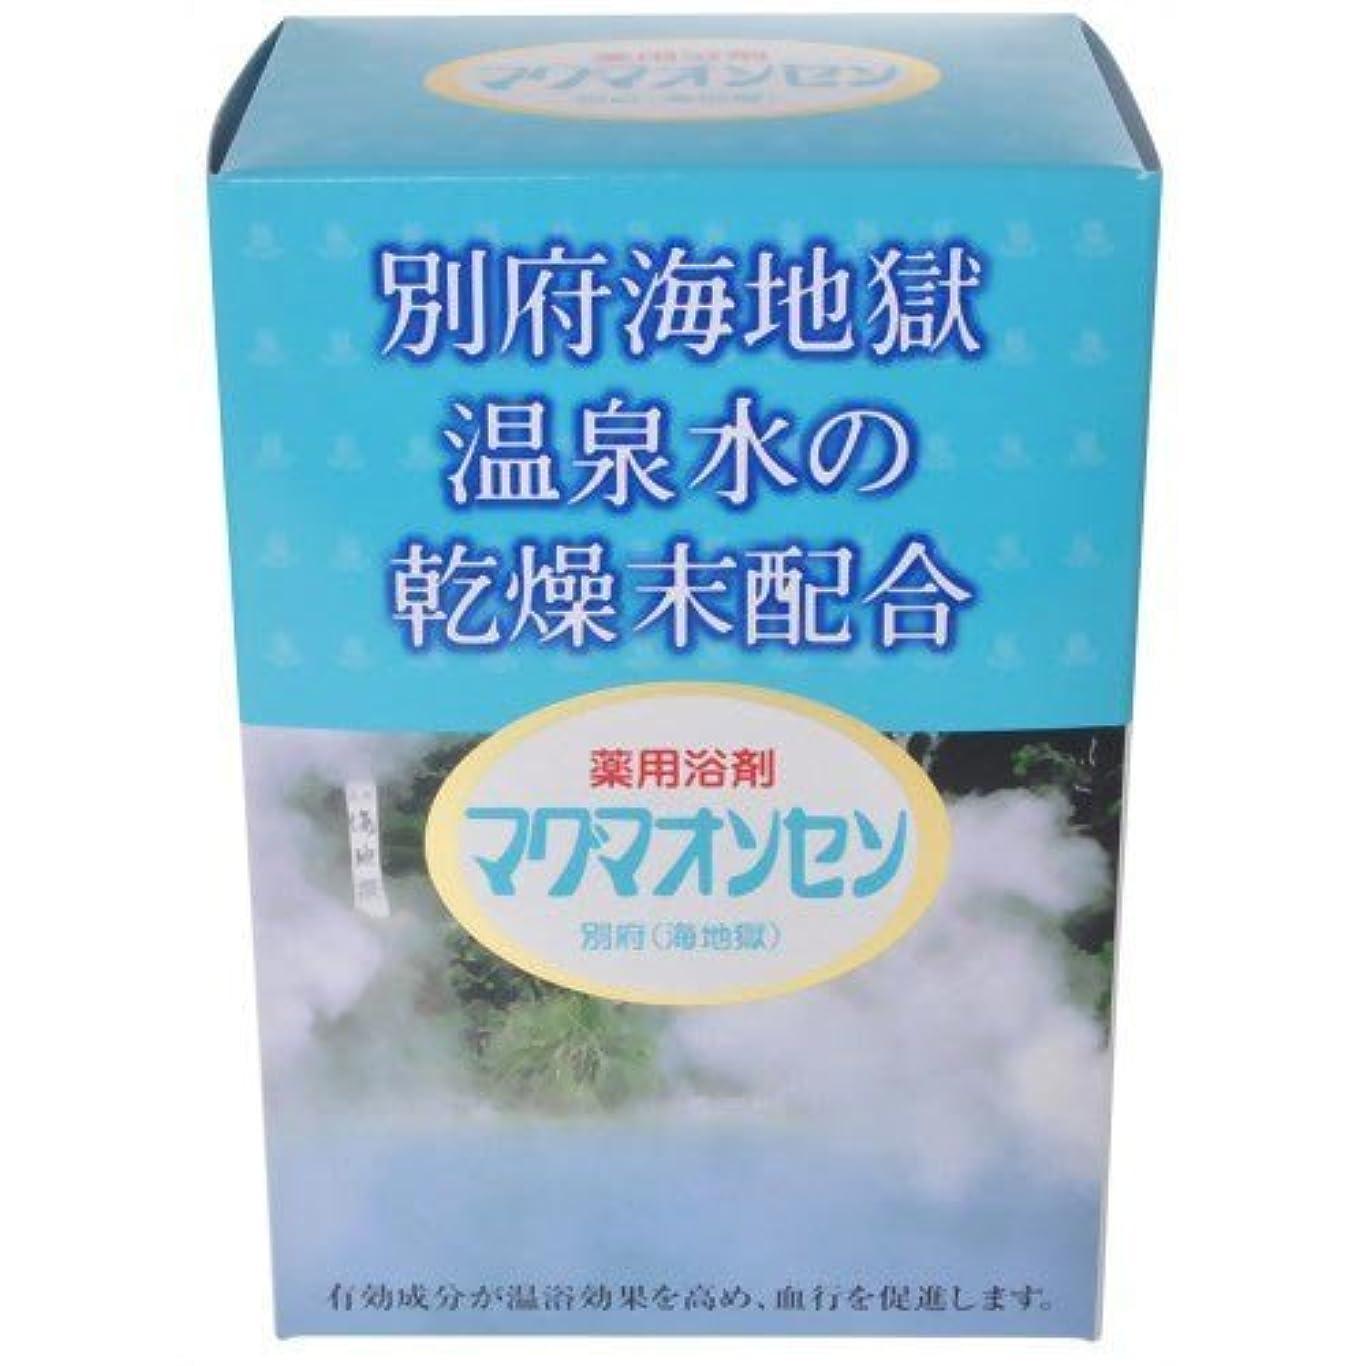 足組み合わせる思春期日本薬品開発 日本薬品 マグマオンセン15g*21包